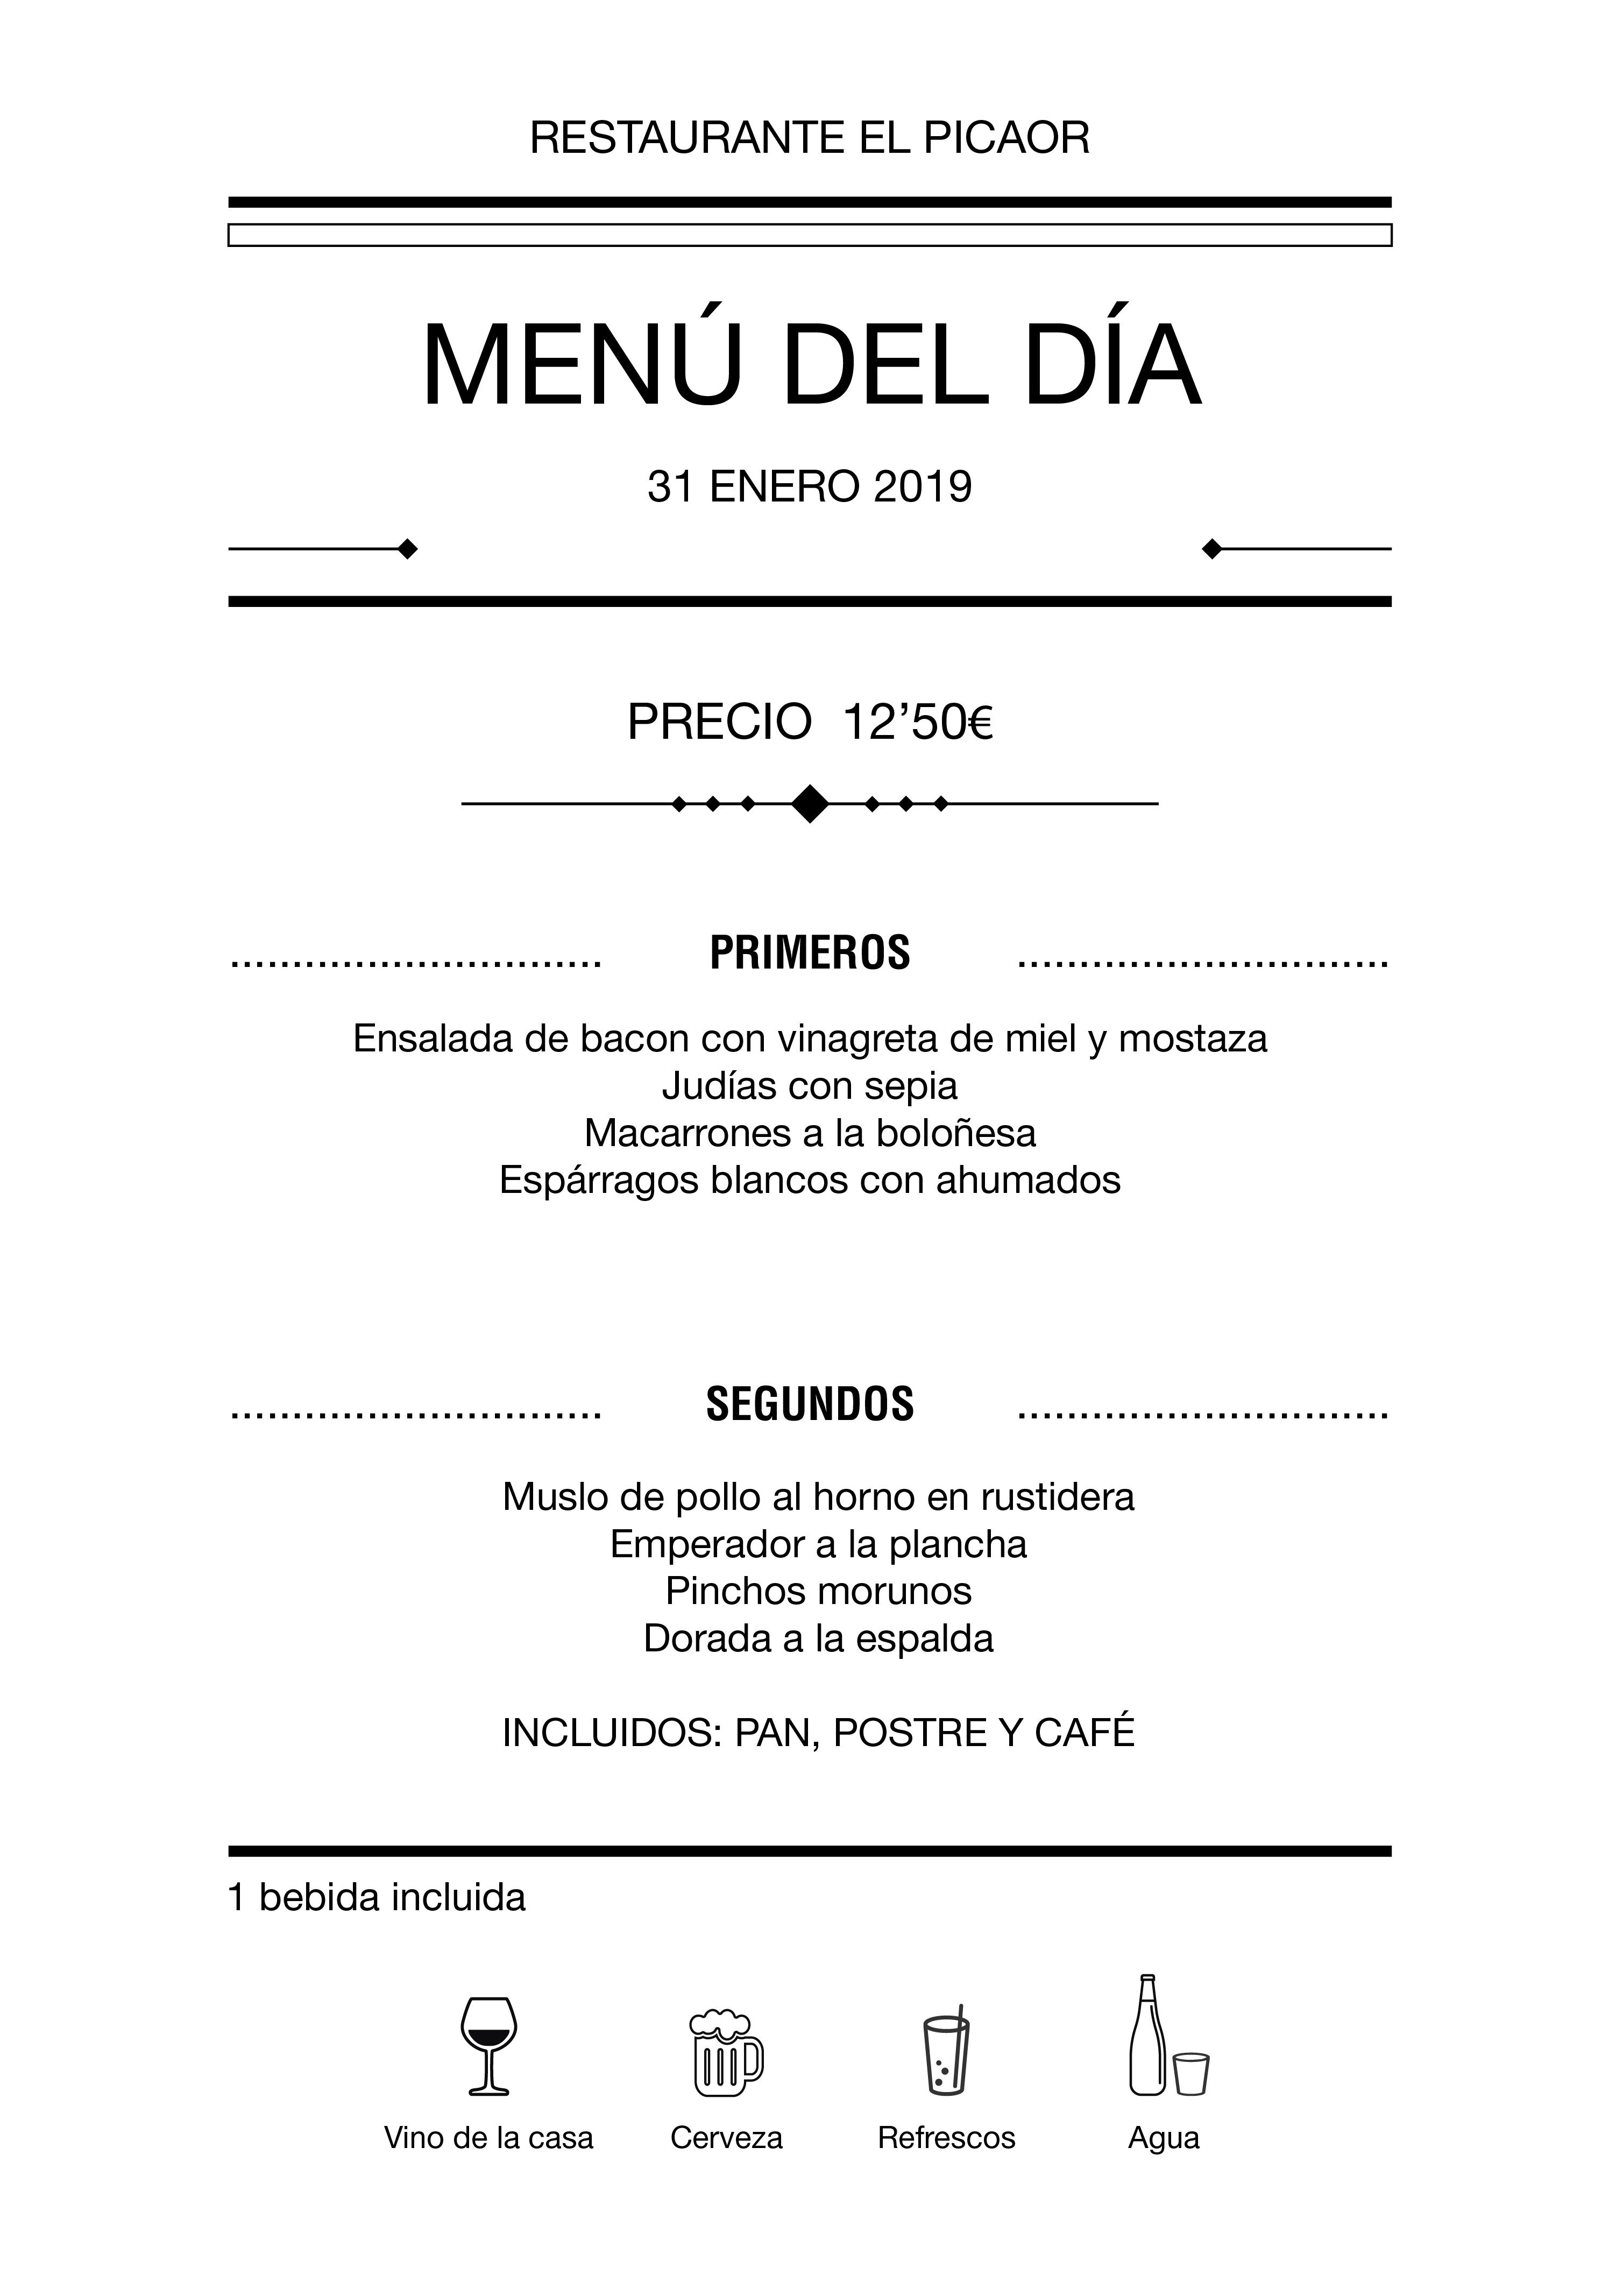 Menú diario El Picaor 31/01/19